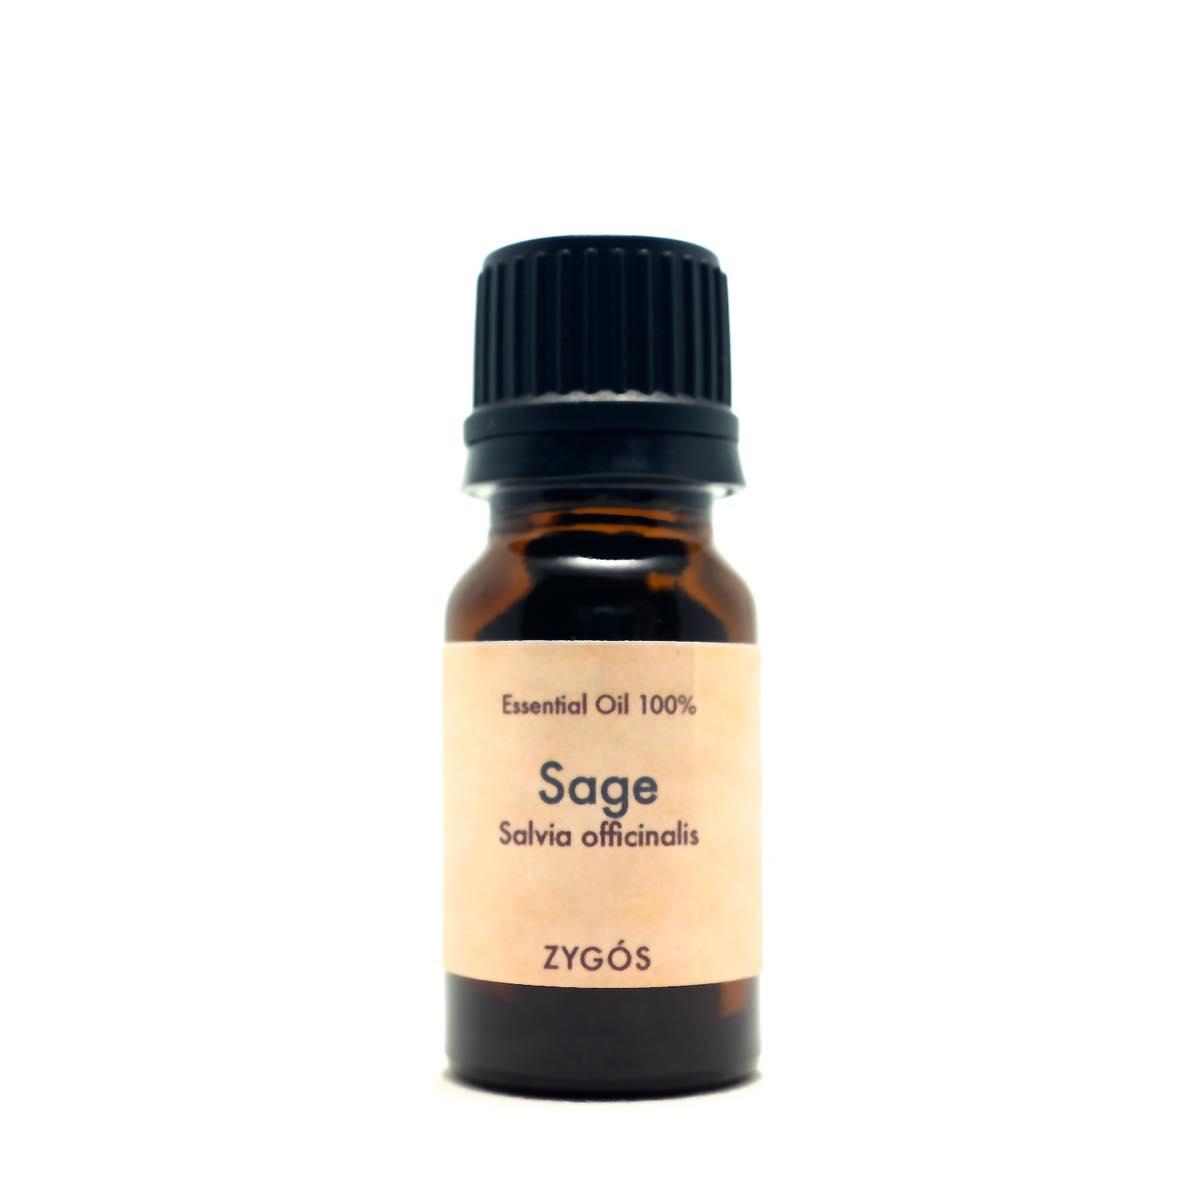 エッジのきいた強い香り エッセンシャルオイル100% 10ml ※業務用卸価格 激安 格安激安 激安特価 送料無料 セージ